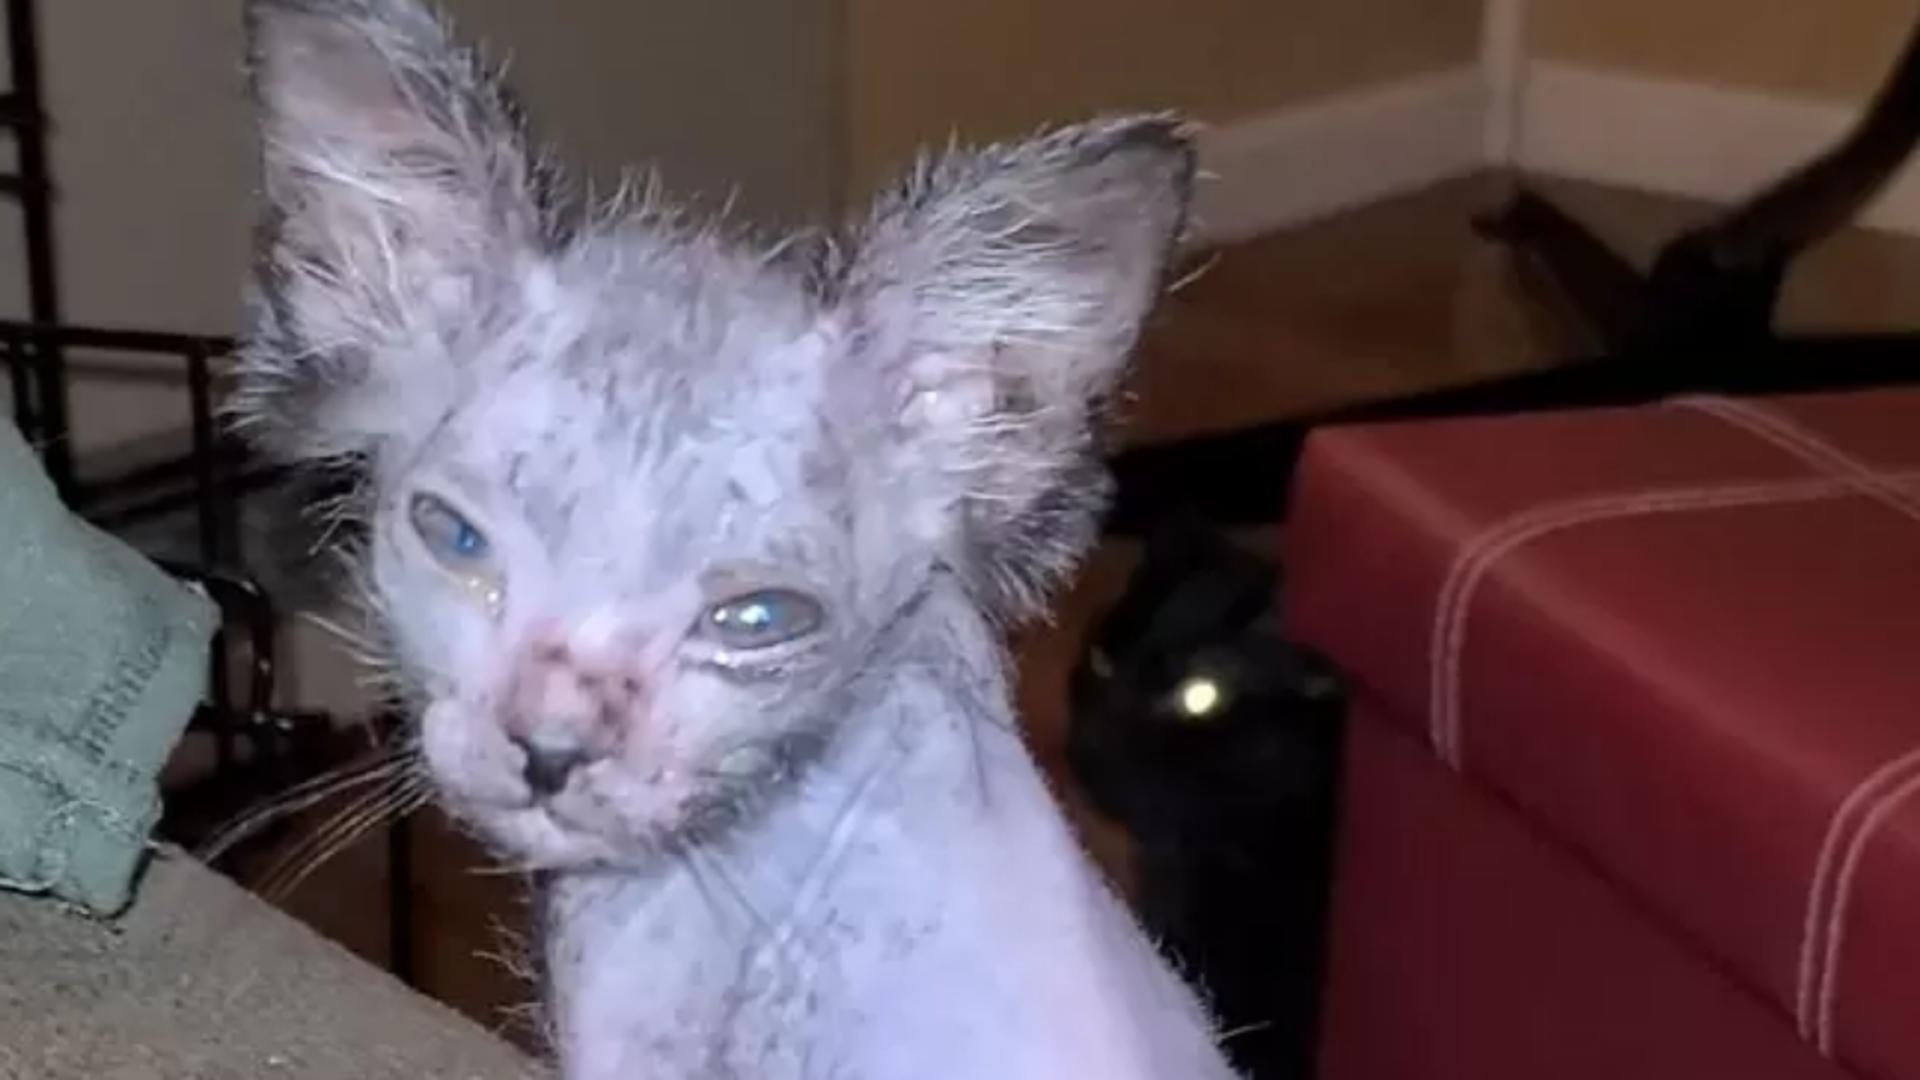 Părea o pisică - Ce este în realitate